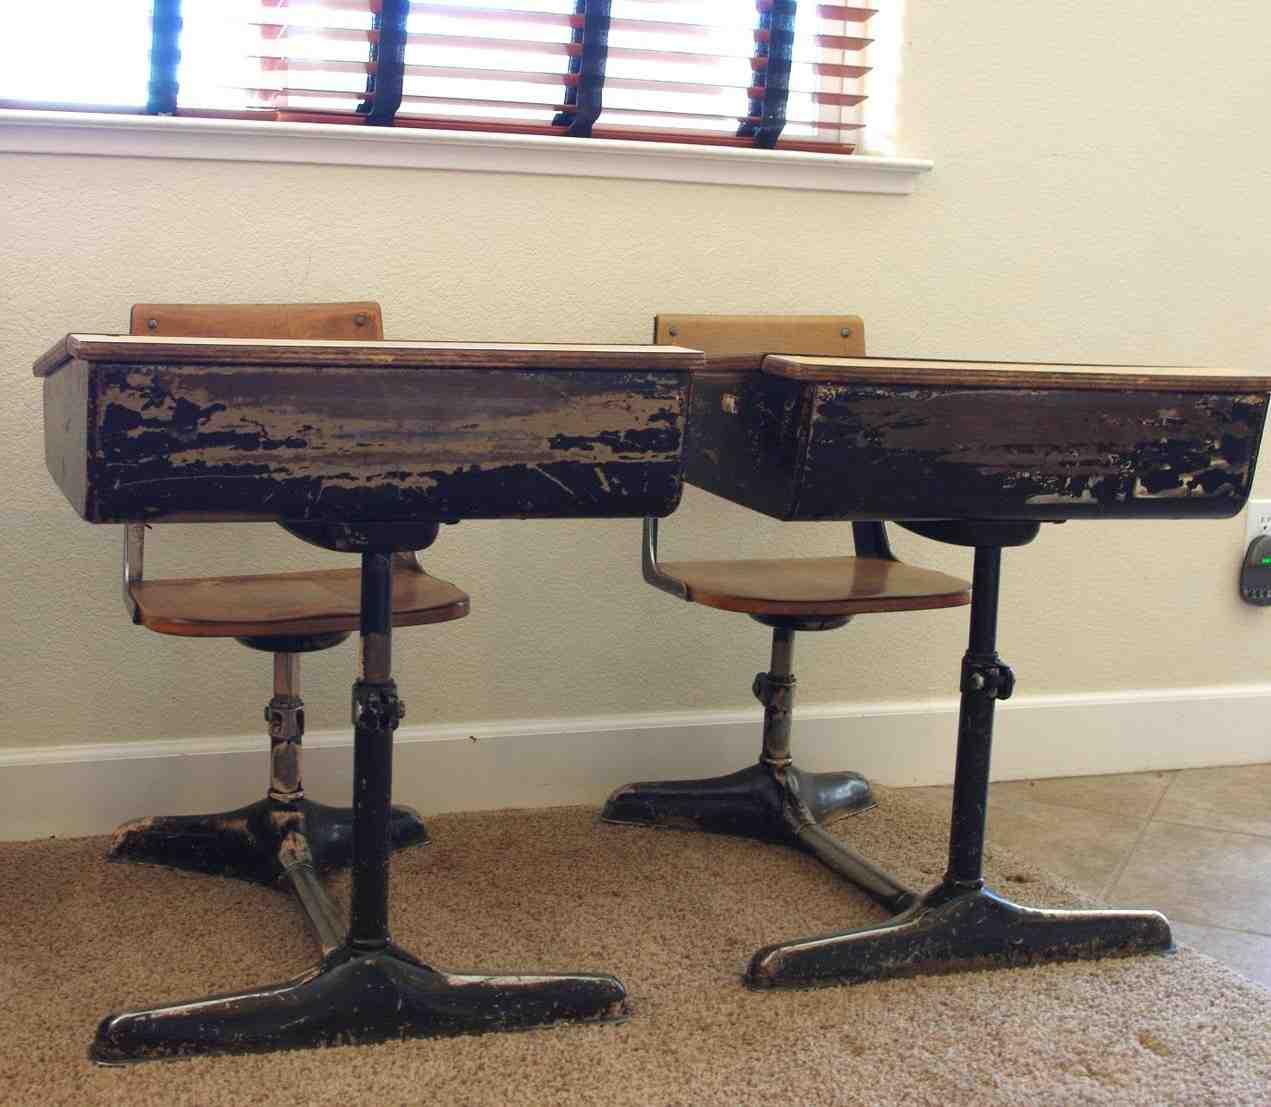 Old Fashioned School Desks for Sale  Home Furniture Design